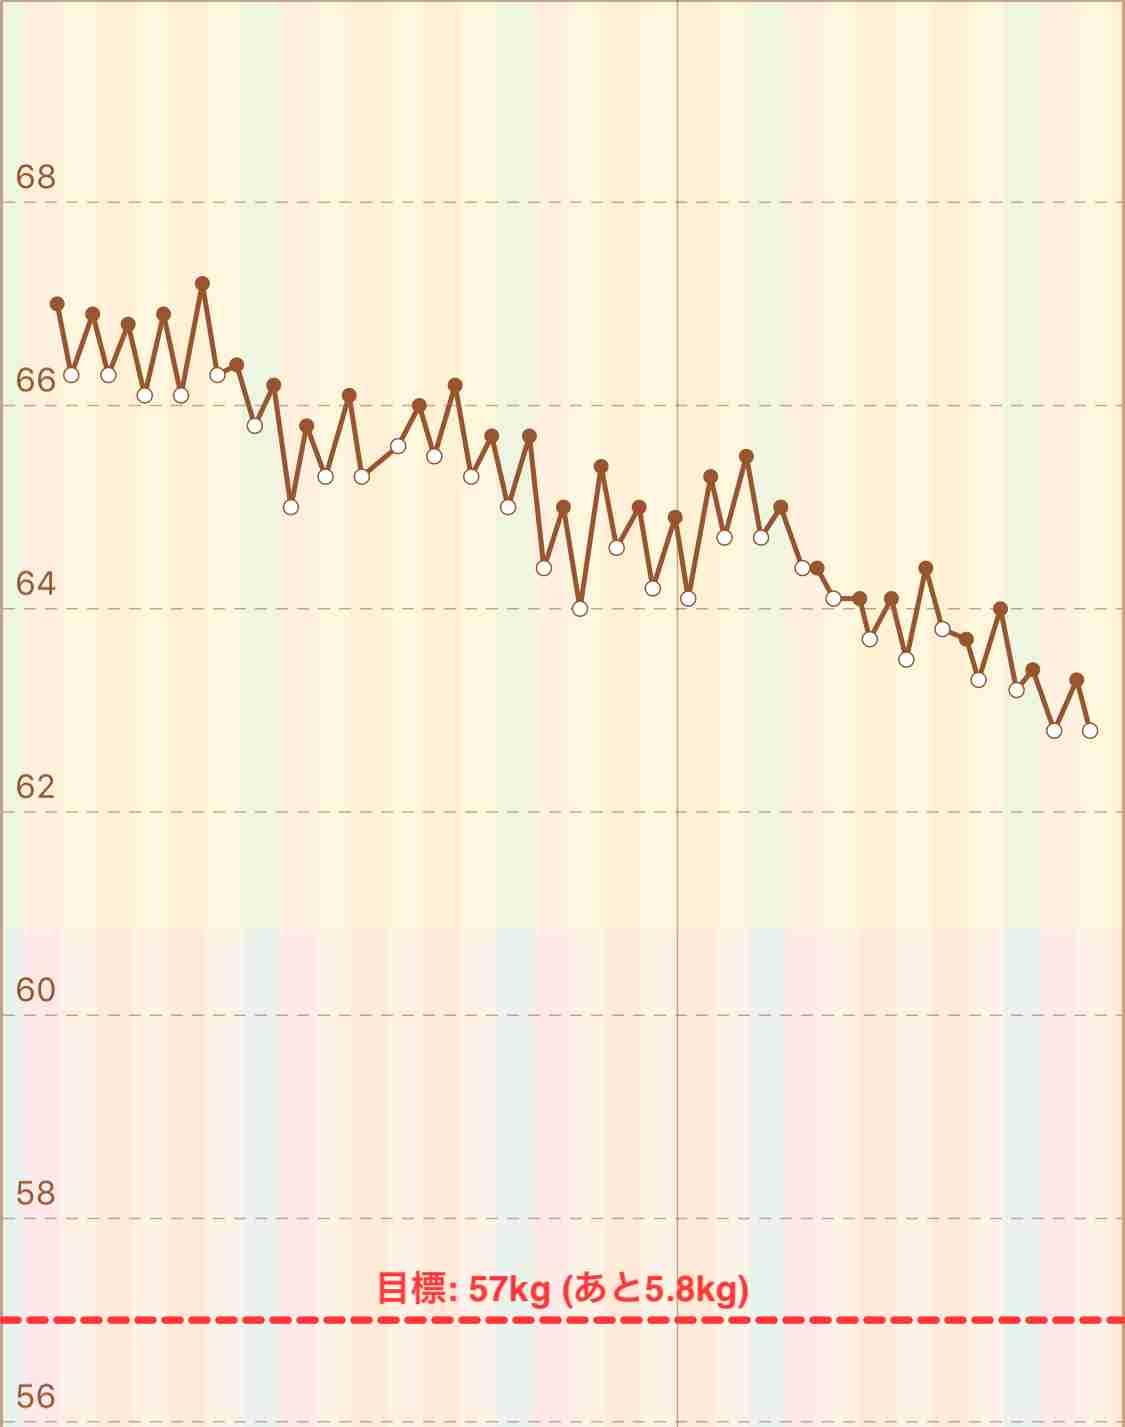 一年間の体重の変動